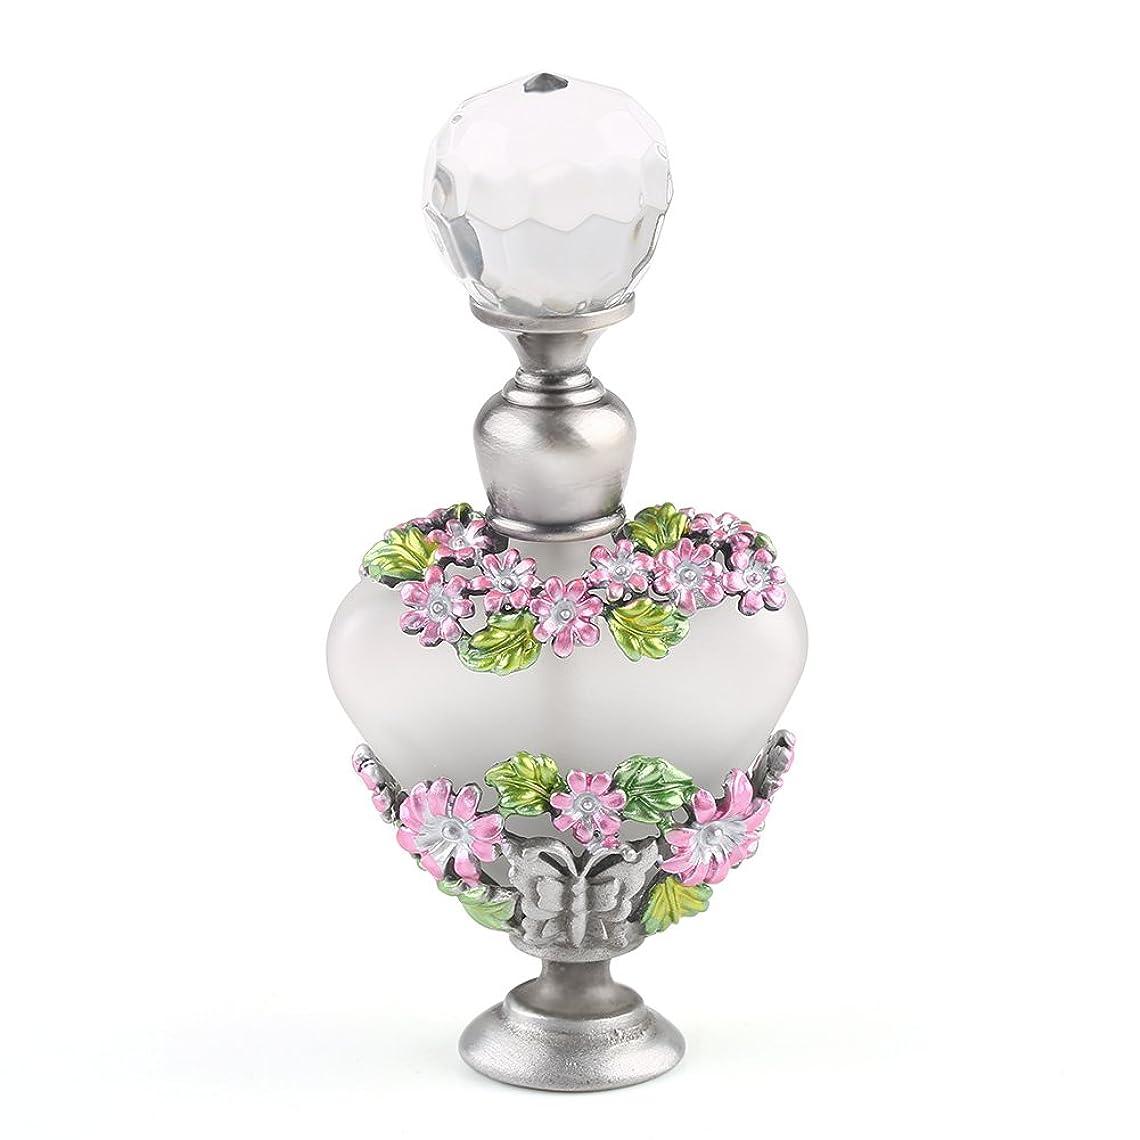 登場沈黙ボトルネックVERY100 高品質 美しい香水瓶/アロマボトル 5ML アロマオイル用瓶 綺麗アンティーク調 フラワーデザイン プレゼント 結婚式 飾り 58778